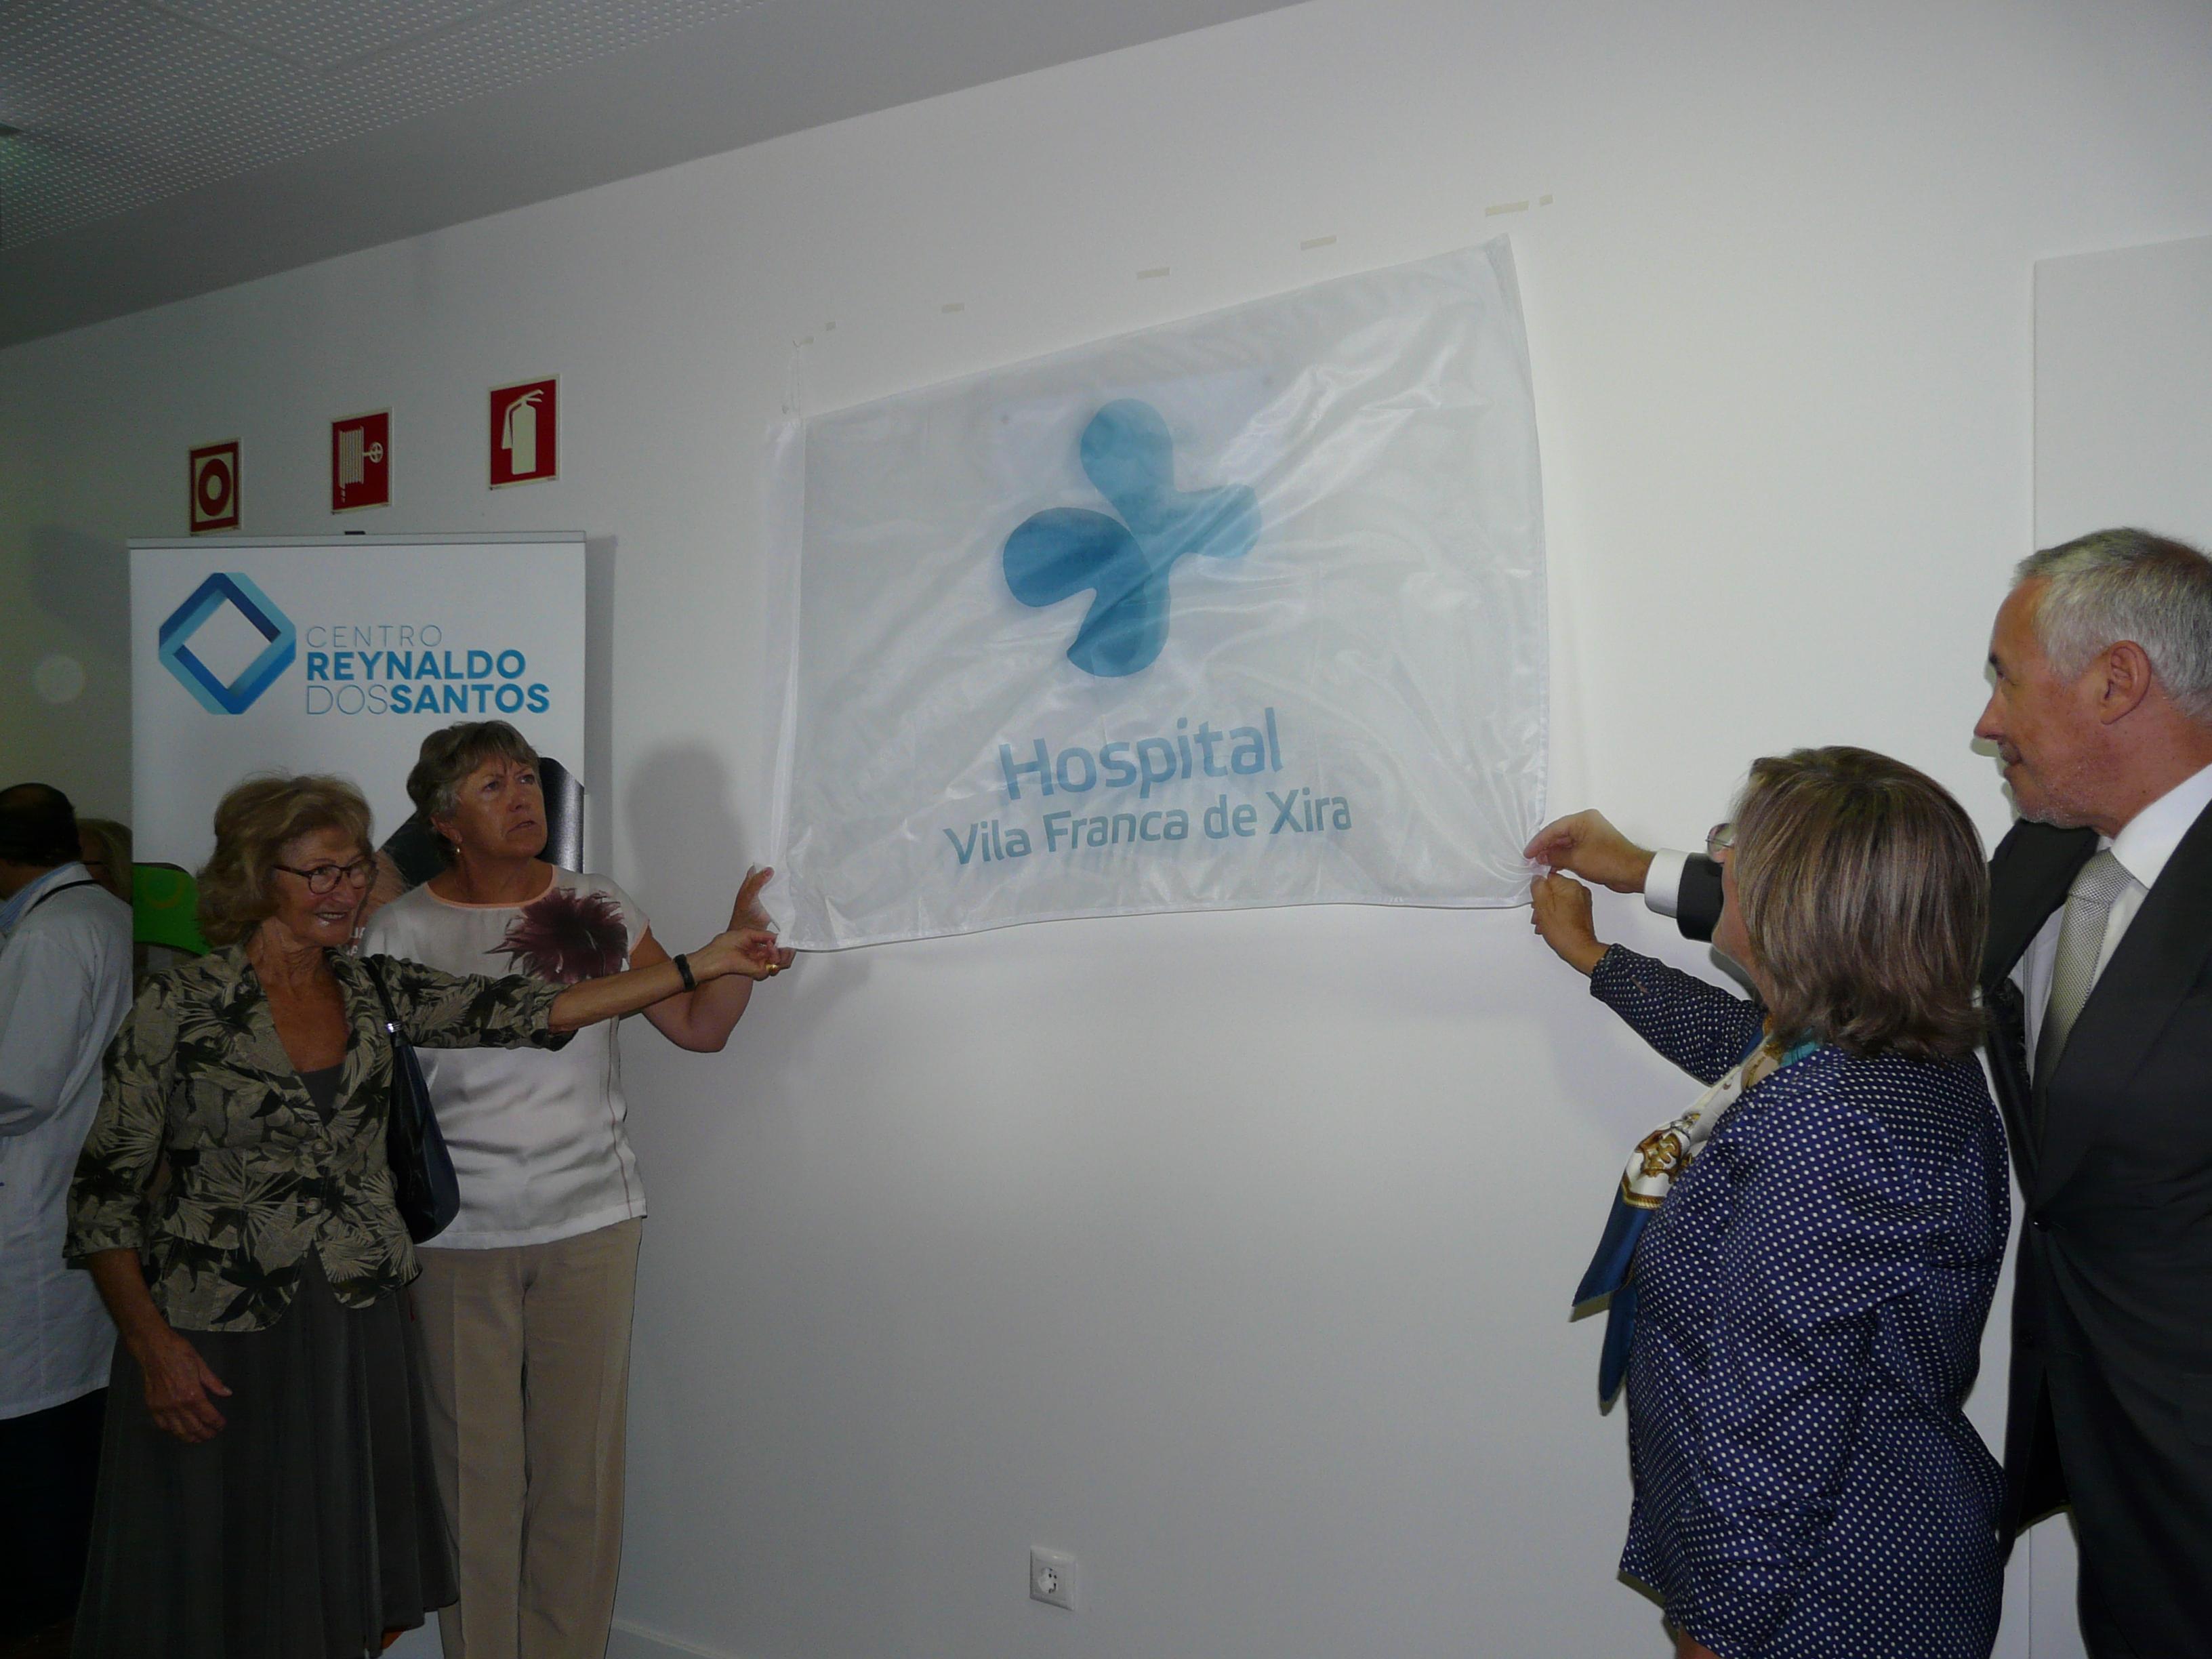 hospital-de-vila-franca-de-xira-Inauguração do Centro Reynaldo dos Santos